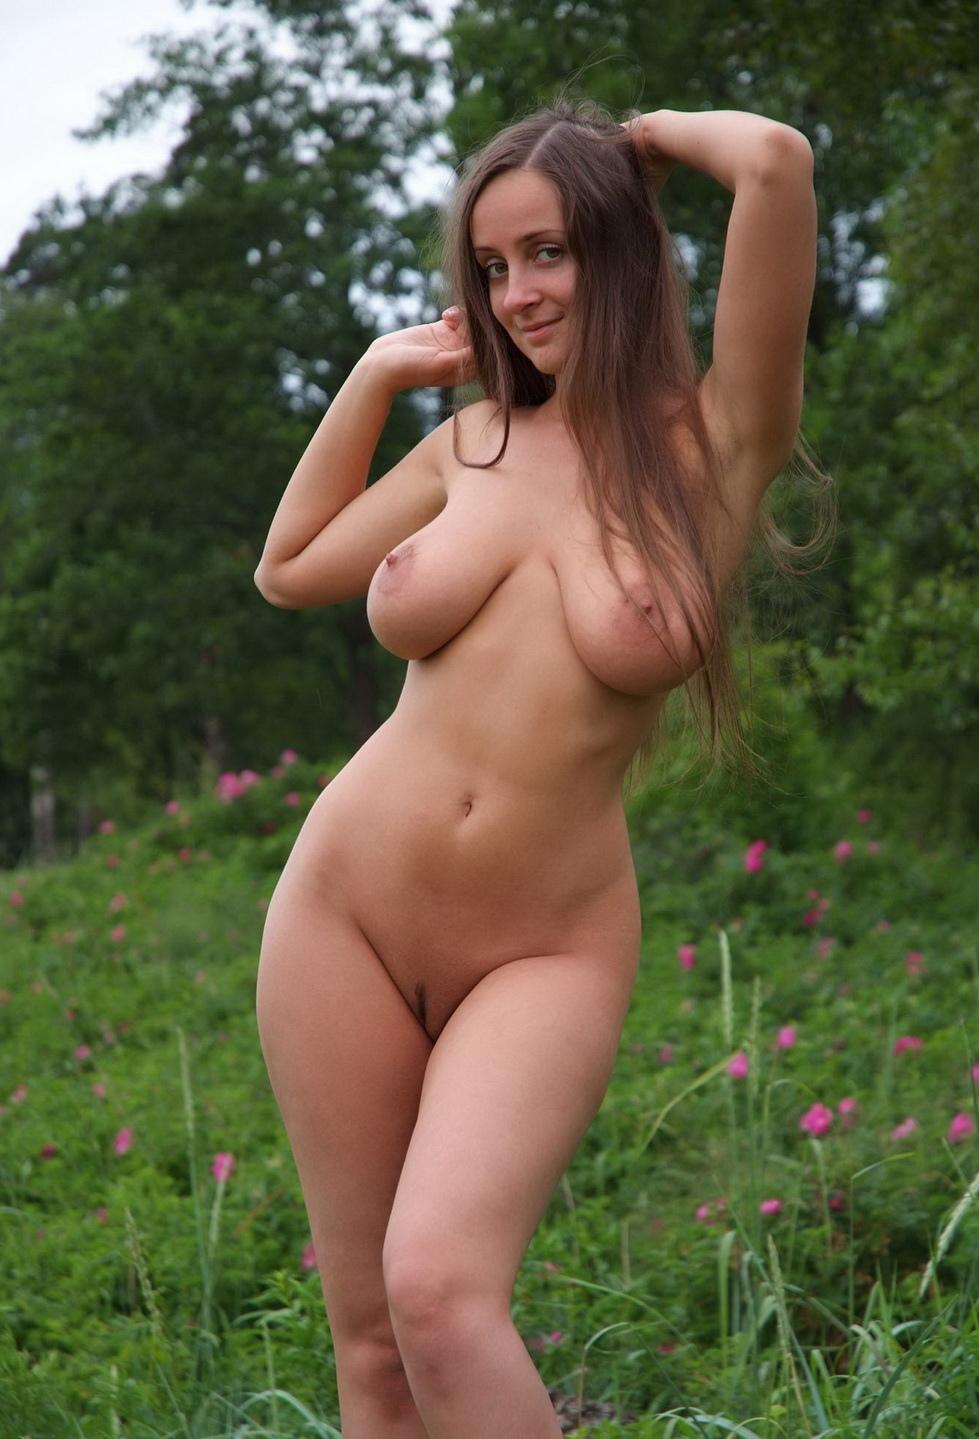 Голые Русские Женщины Раздеваются